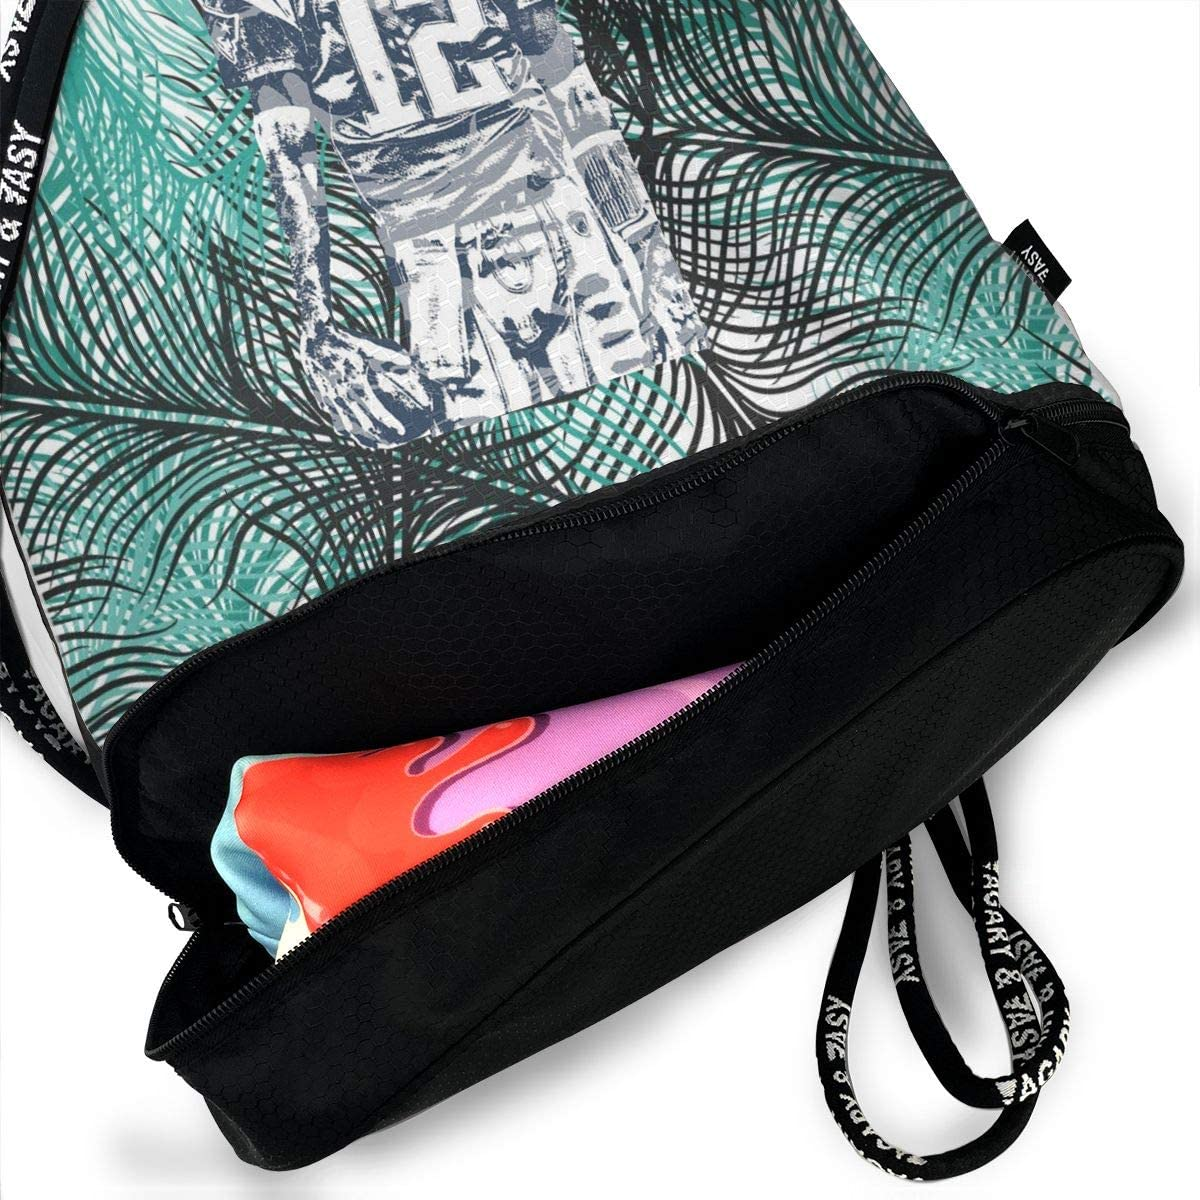 Drawstring Bag England Brady Gym Bag Sport Backpack Shoulder Bags Travel College Rucksack